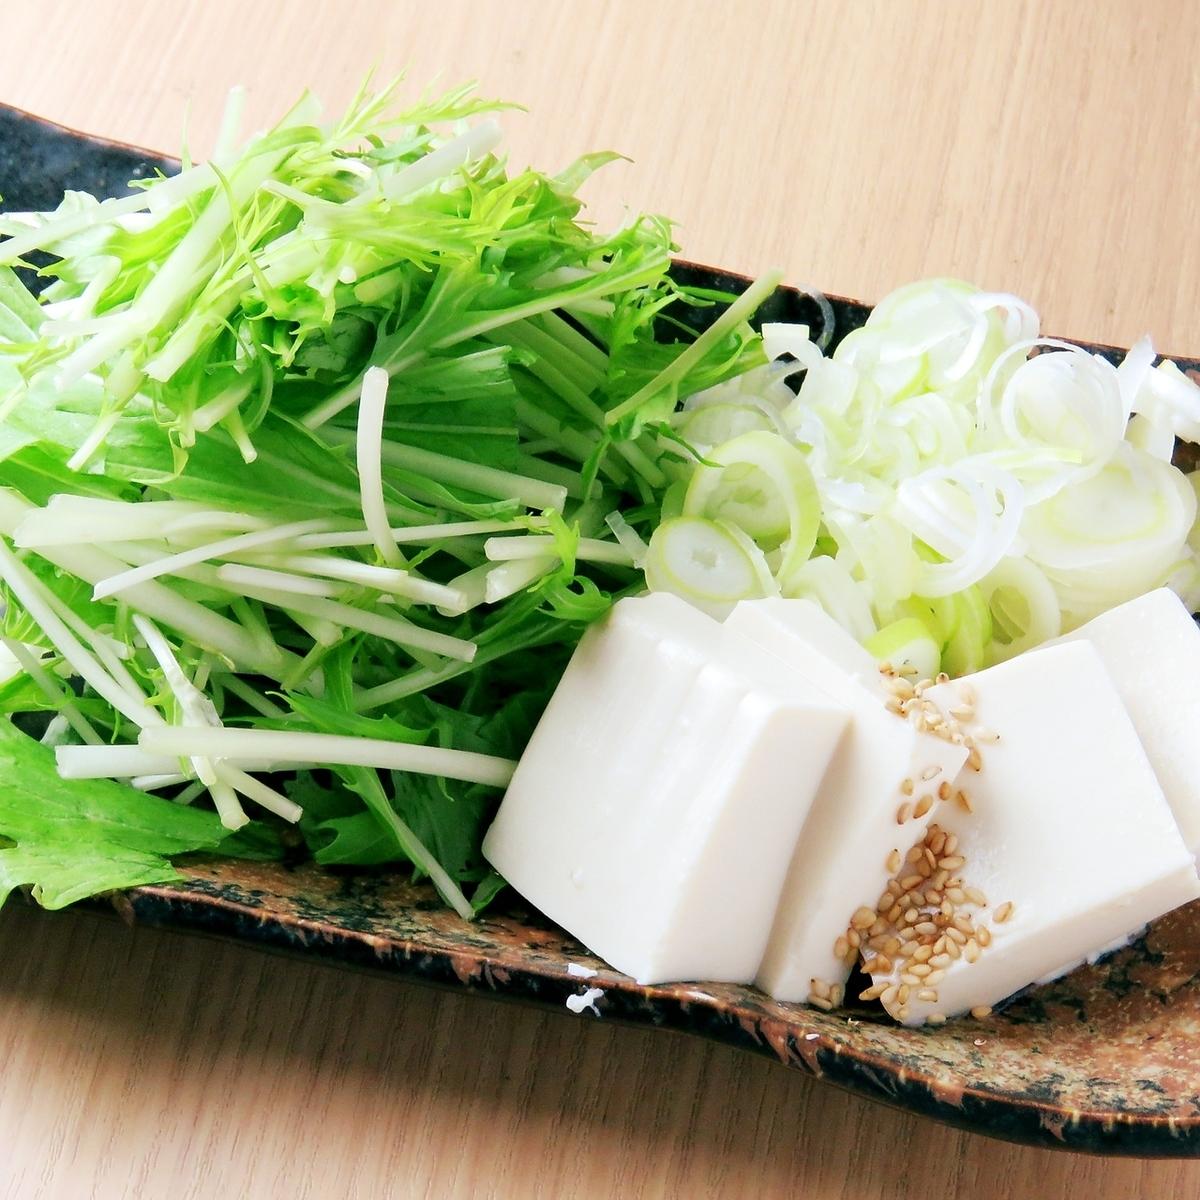 【涮涮锅】涮菜加入